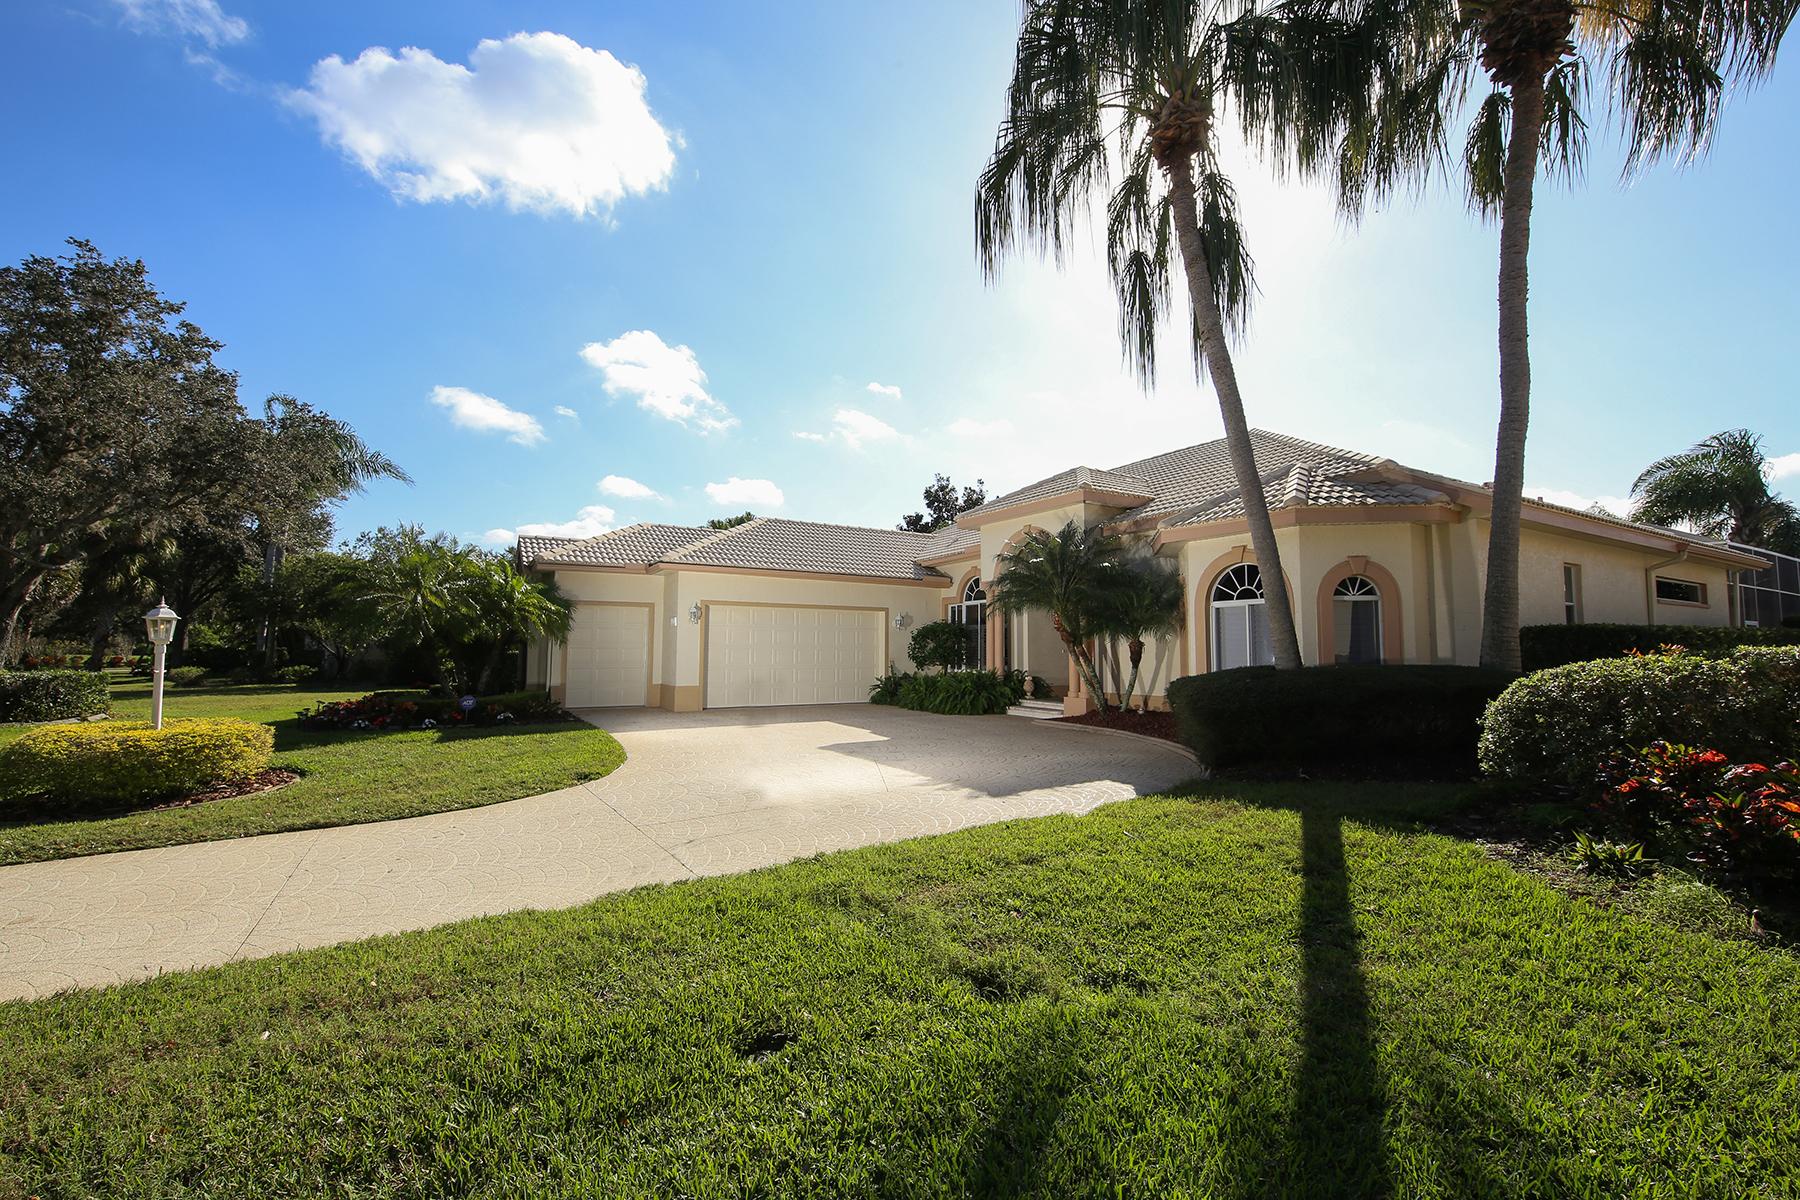 独户住宅 为 销售 在 UNIVERSITY PARK COUNTRY CLUB 7510 Eaton Ct University Park, 佛罗里达州, 34201 美国